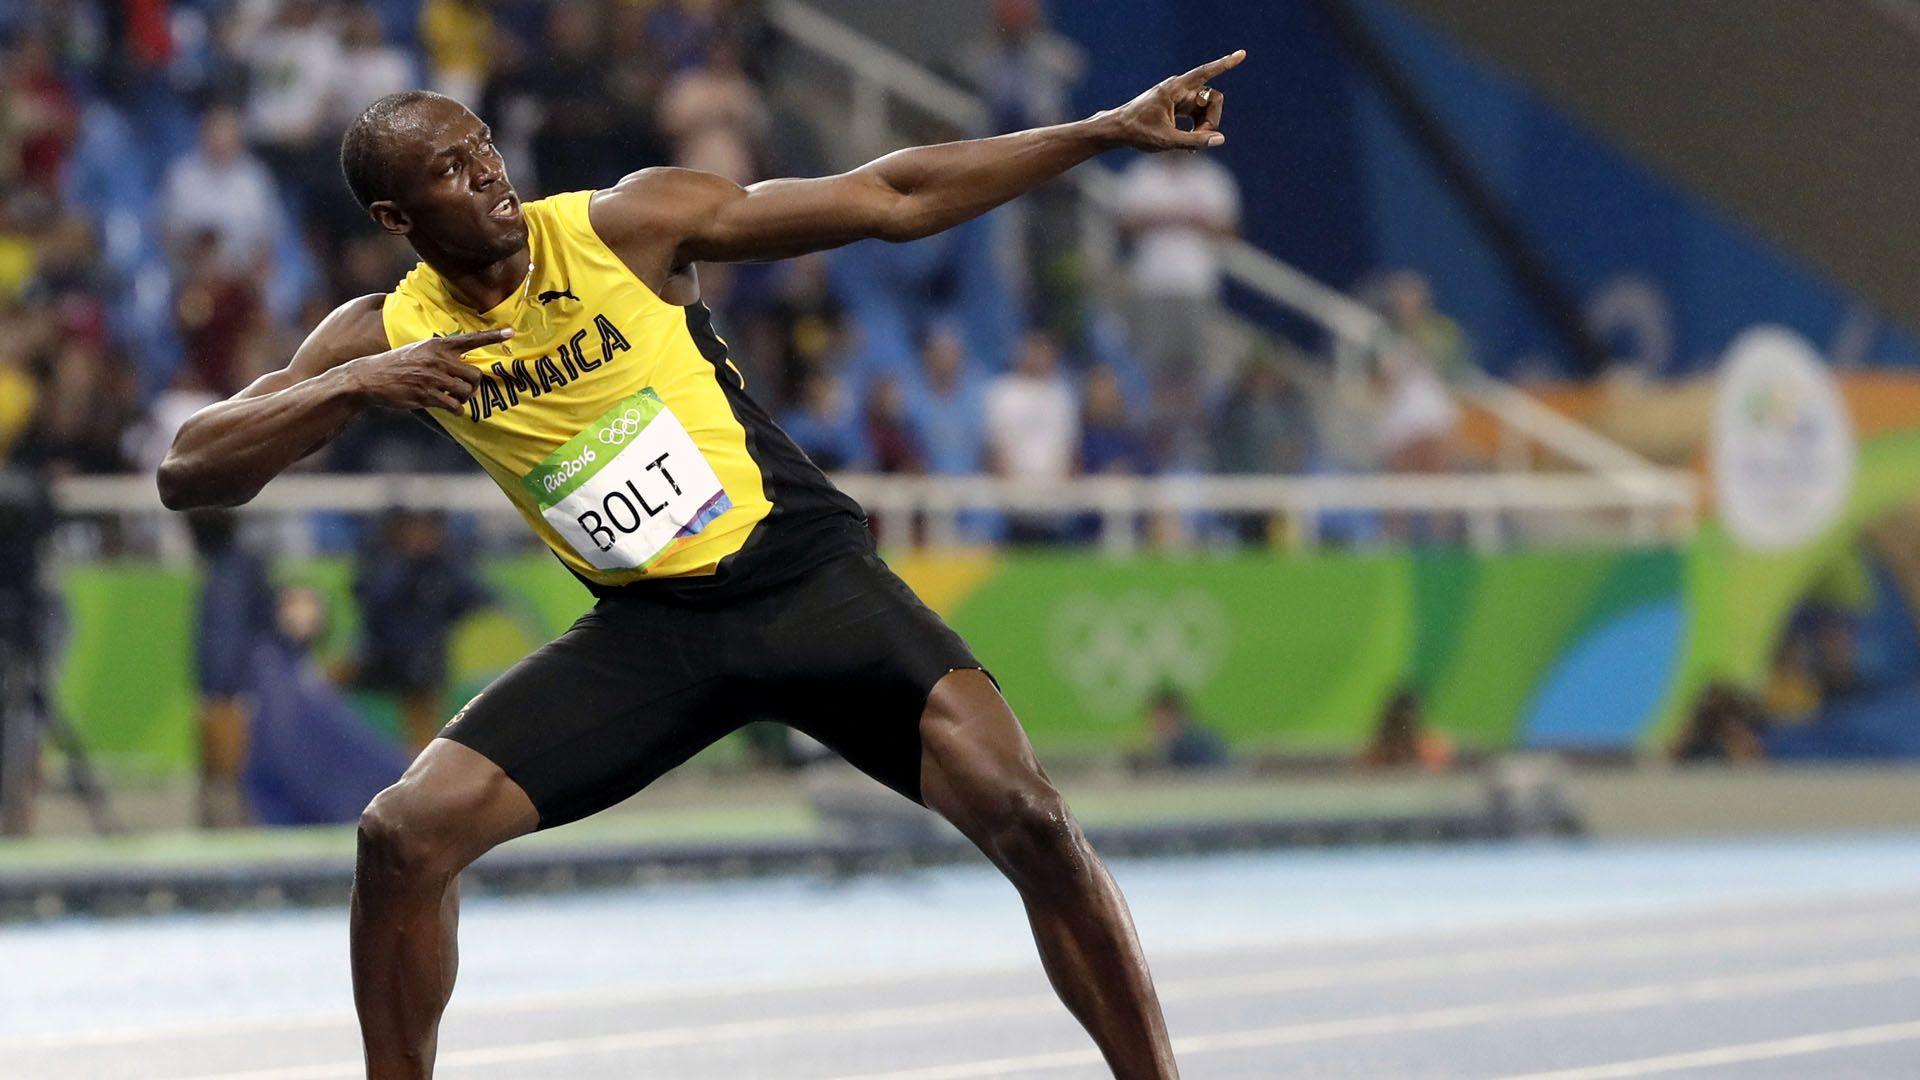 Maiores corredores do mundo-Usain Bolt